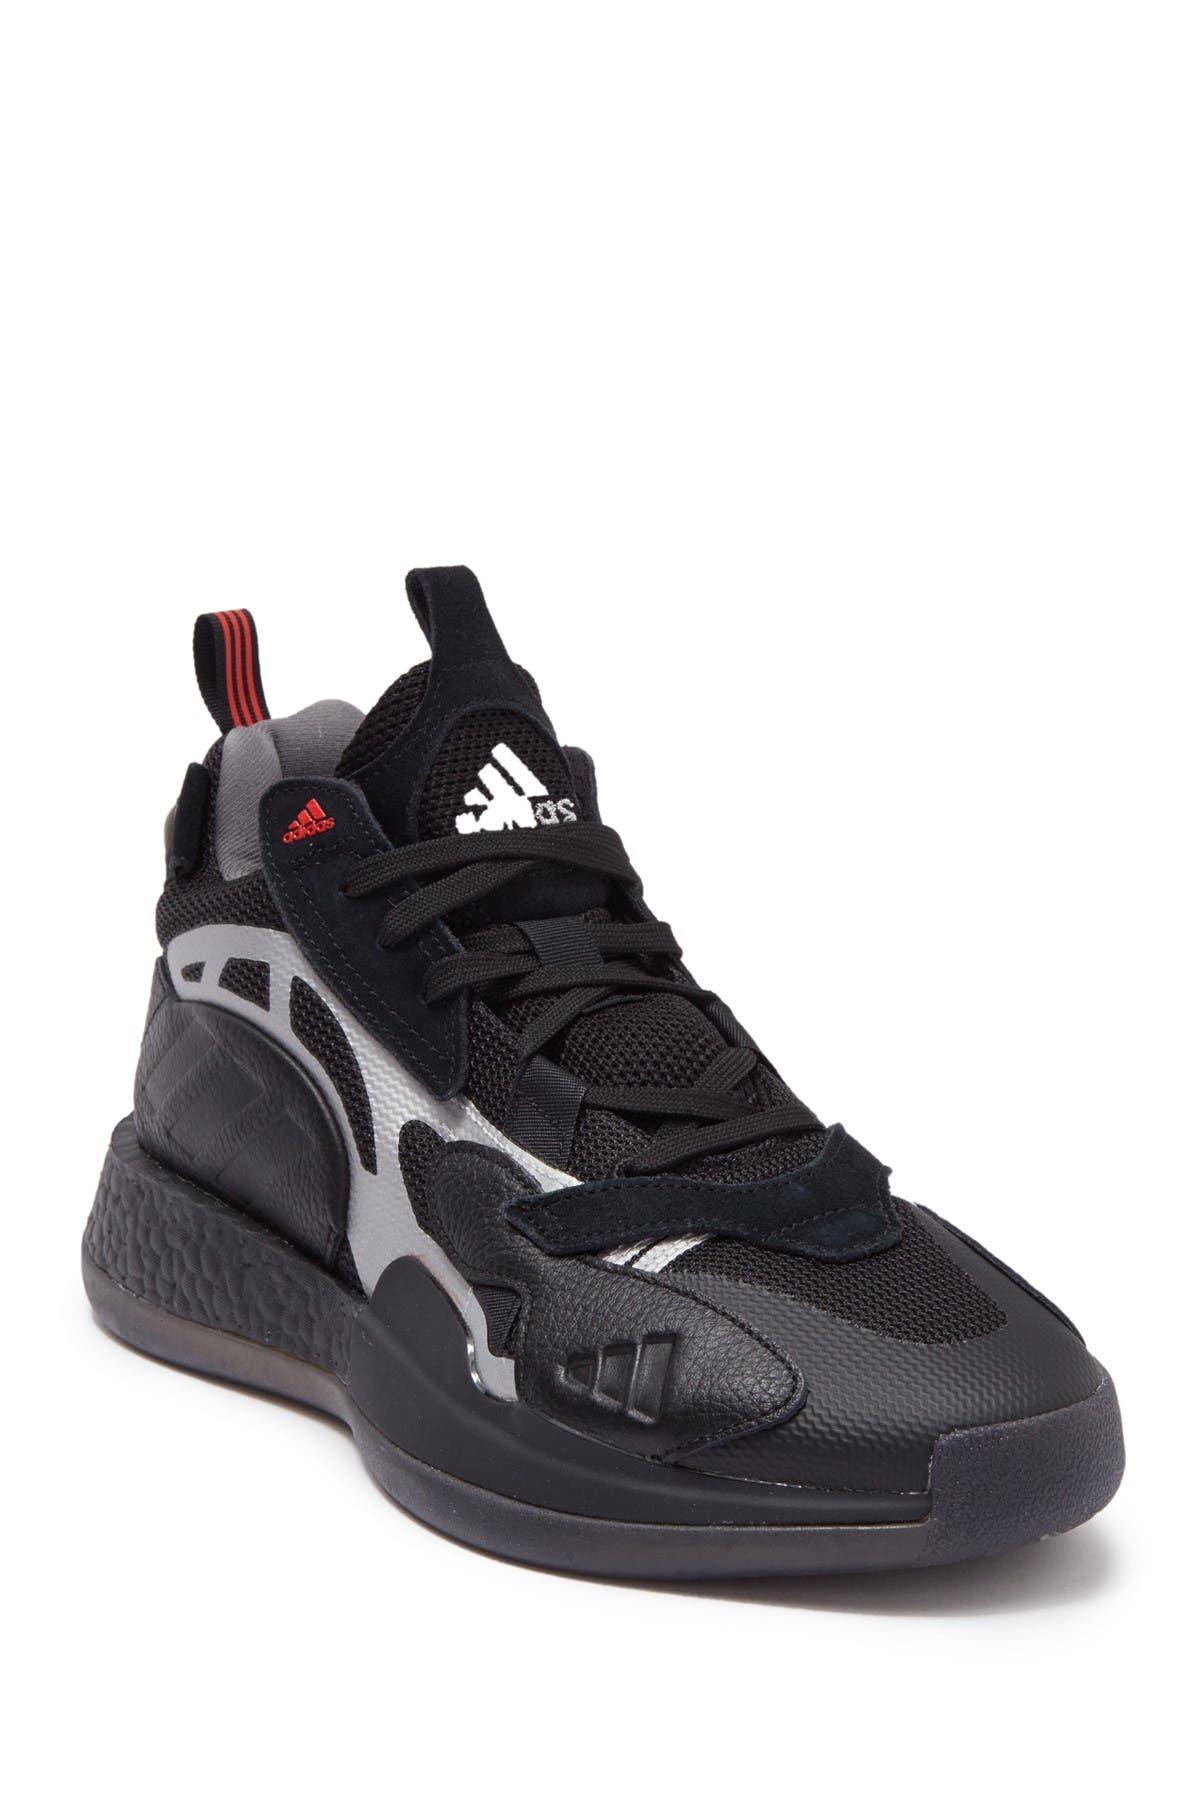 Image of adidas ZONEBOOST Basketball Shoe